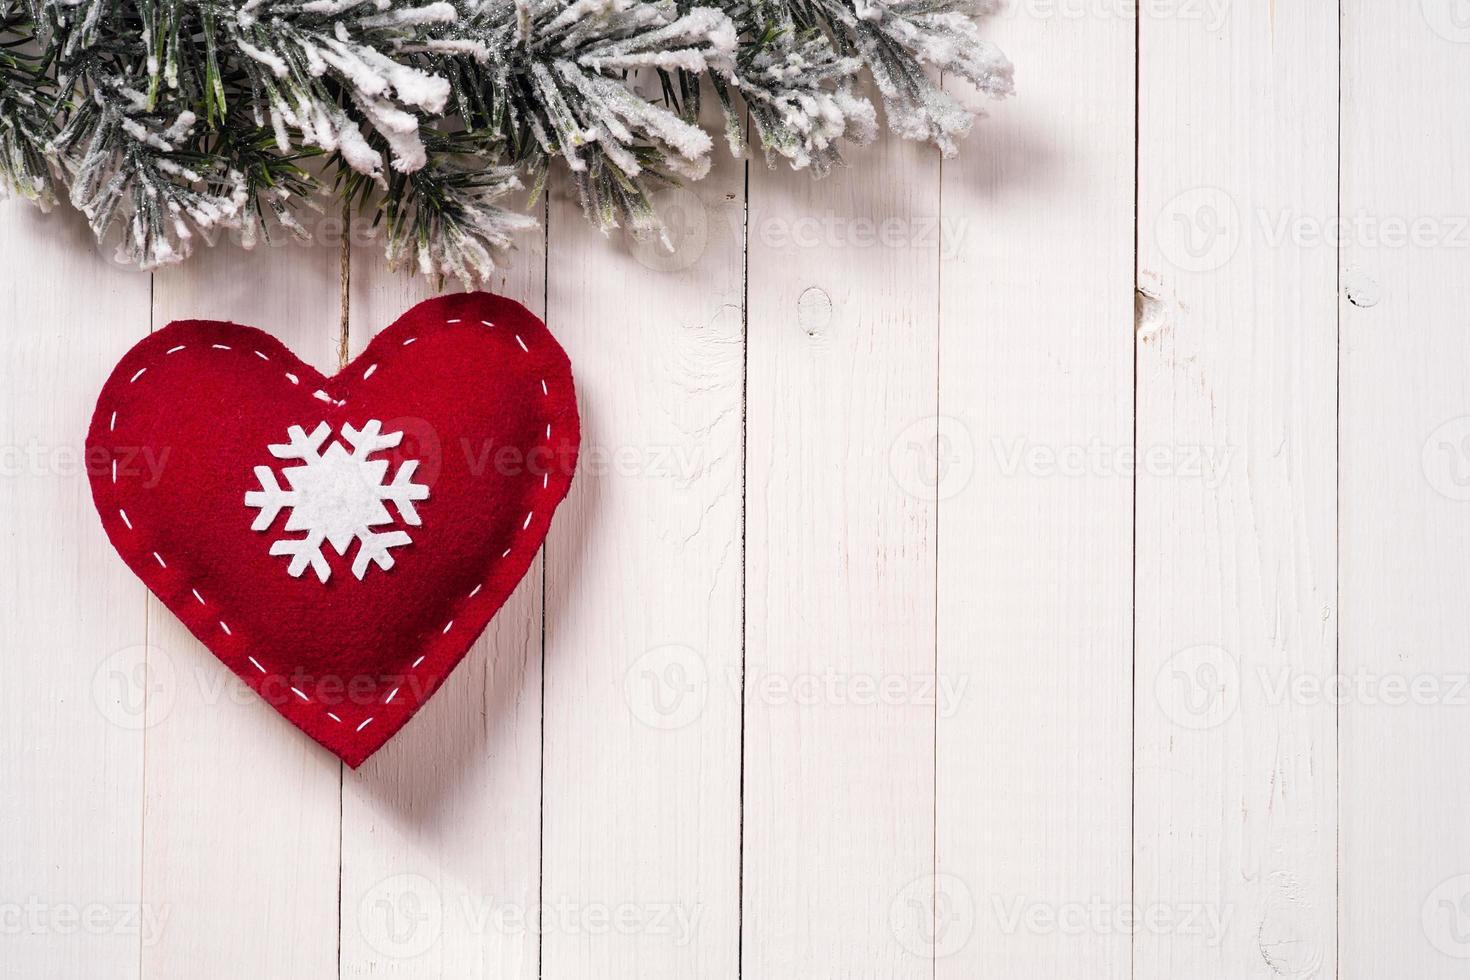 juldekoration i form av hjärta med granfilialer foto